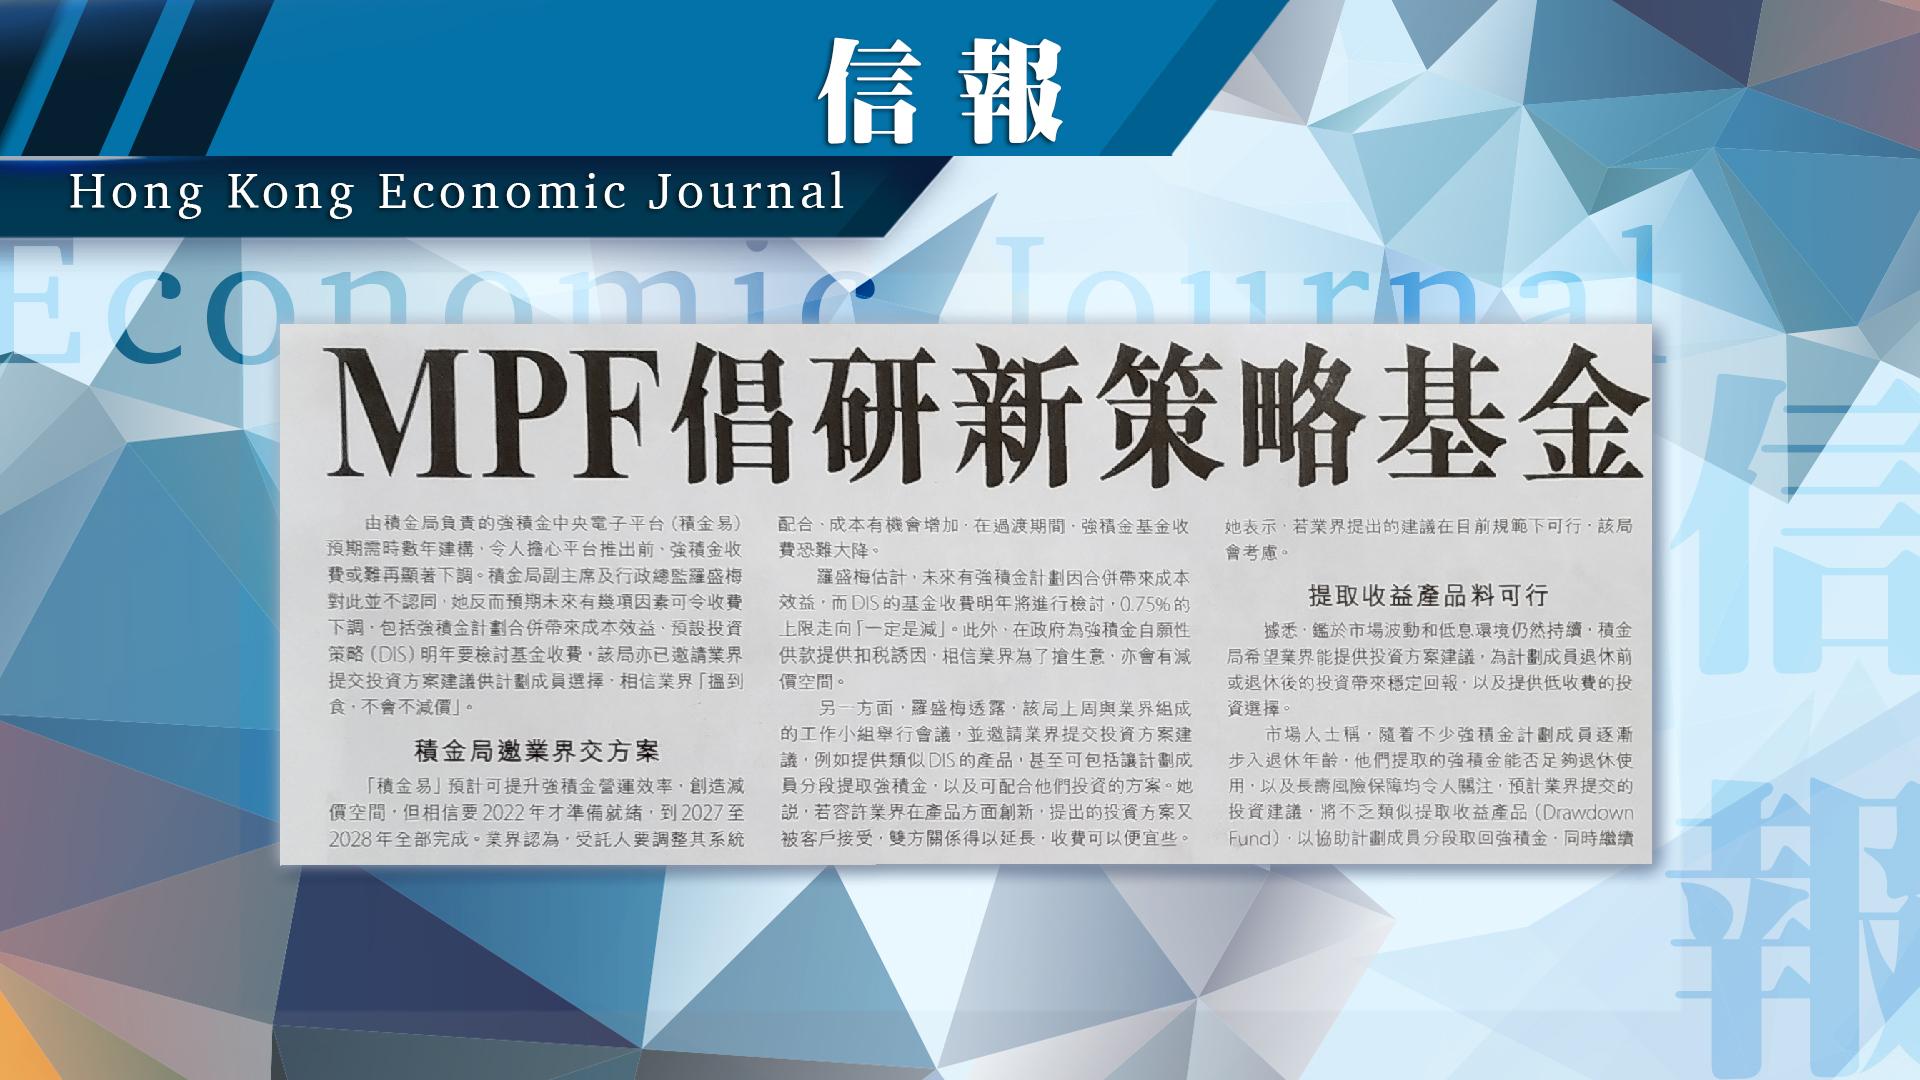 【報章A1速覽】MPF倡研新策略基金助減費;中央放寬港片製作 全港班演員可入內地